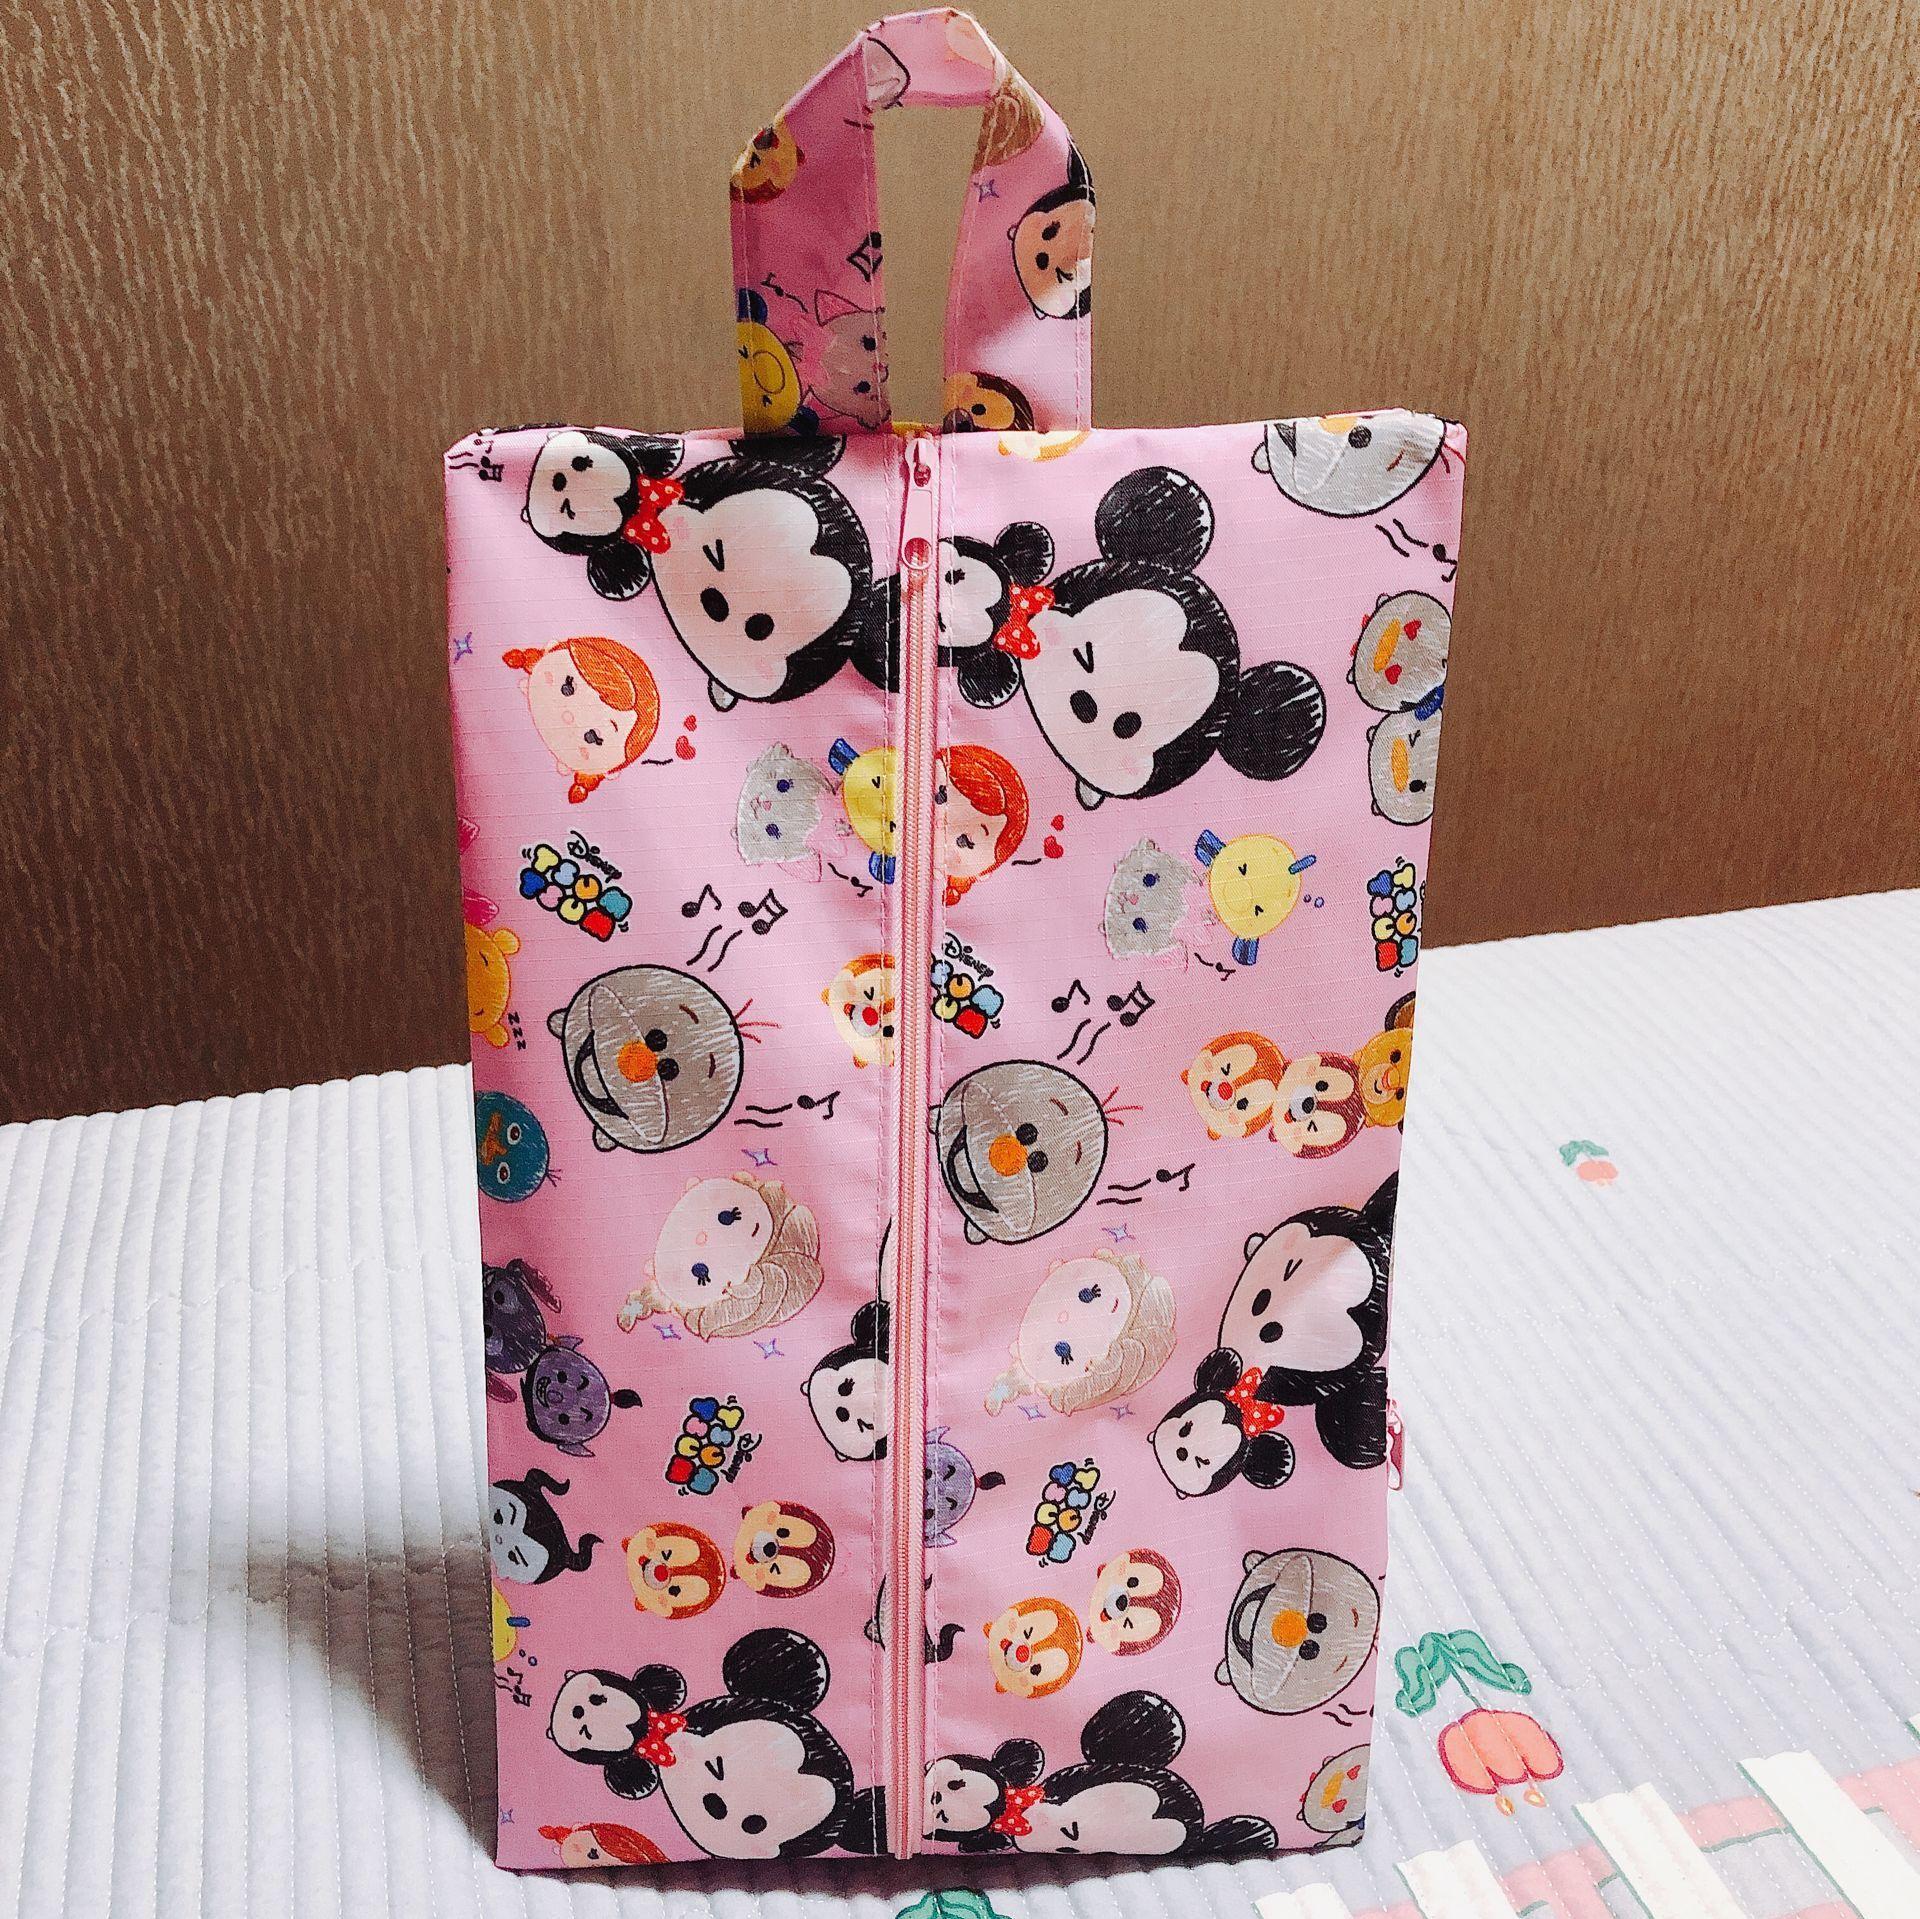 Disney Микки Маус мультфильм Женская Мужская Сумка водонепроницаемая обувь полотенце Одежда сумка для хранения Минни Сумка для обуви